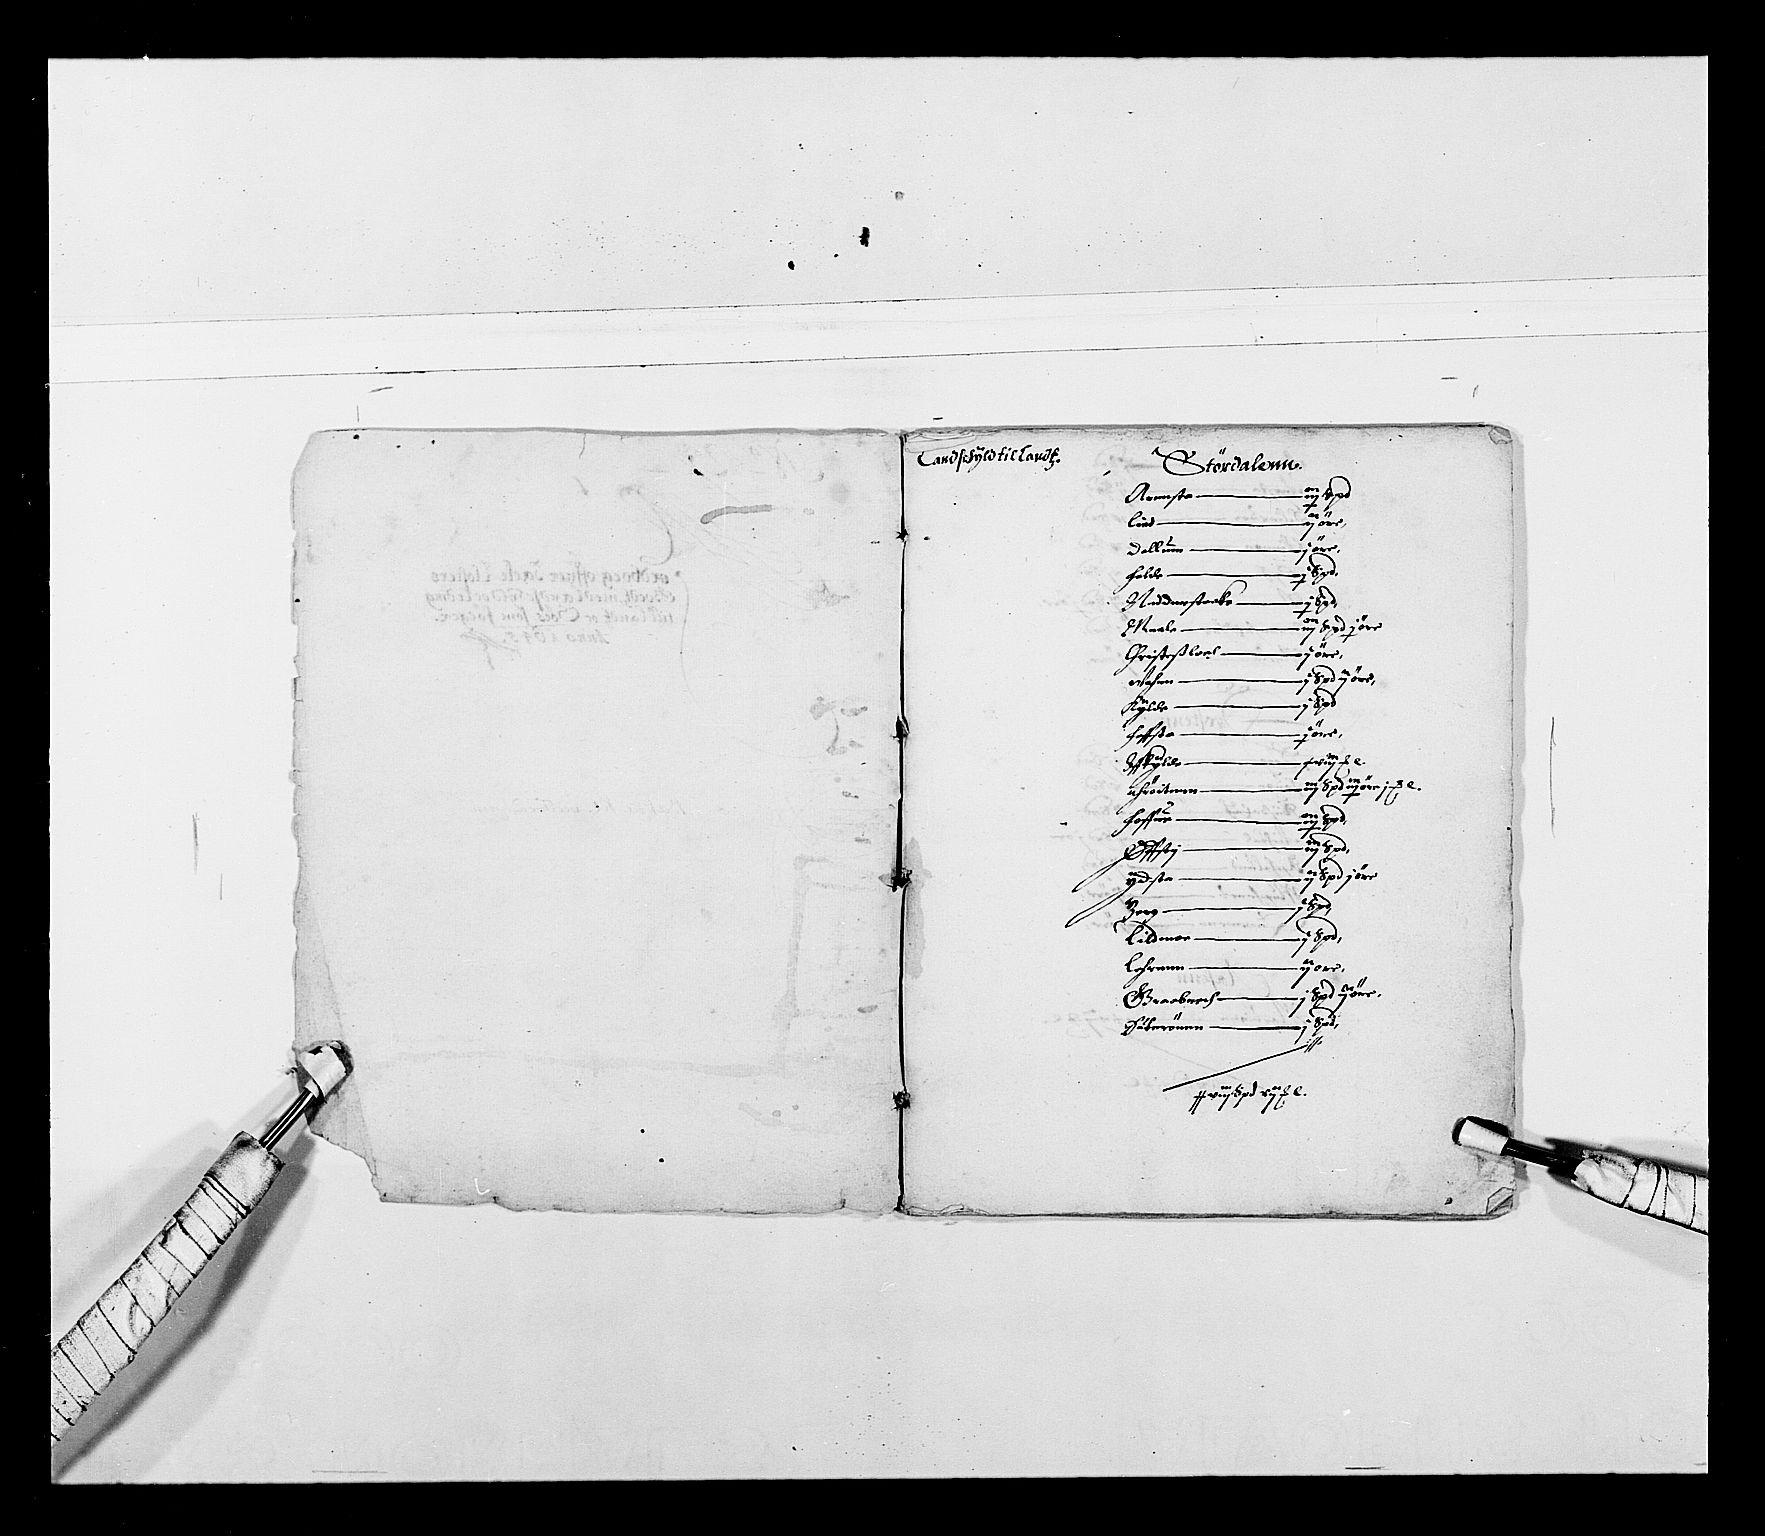 RA, Stattholderembetet 1572-1771, Ek/L0027: Jordebøker 1633-1658:, 1644-1645, s. 36